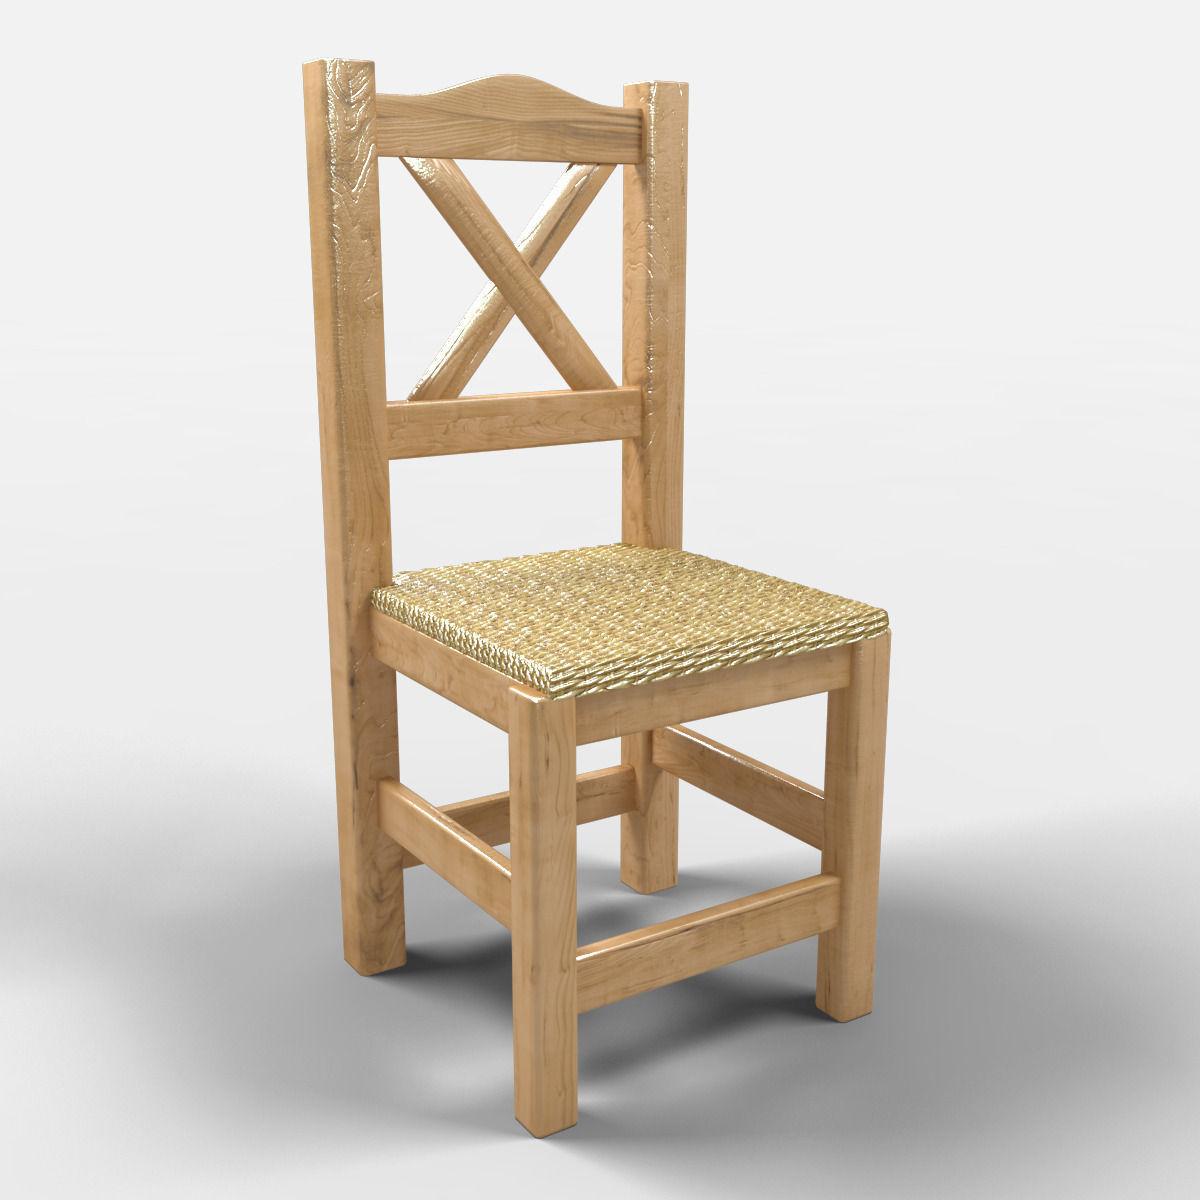 Puebla Rustic Chair 3d Model Max 1 ...